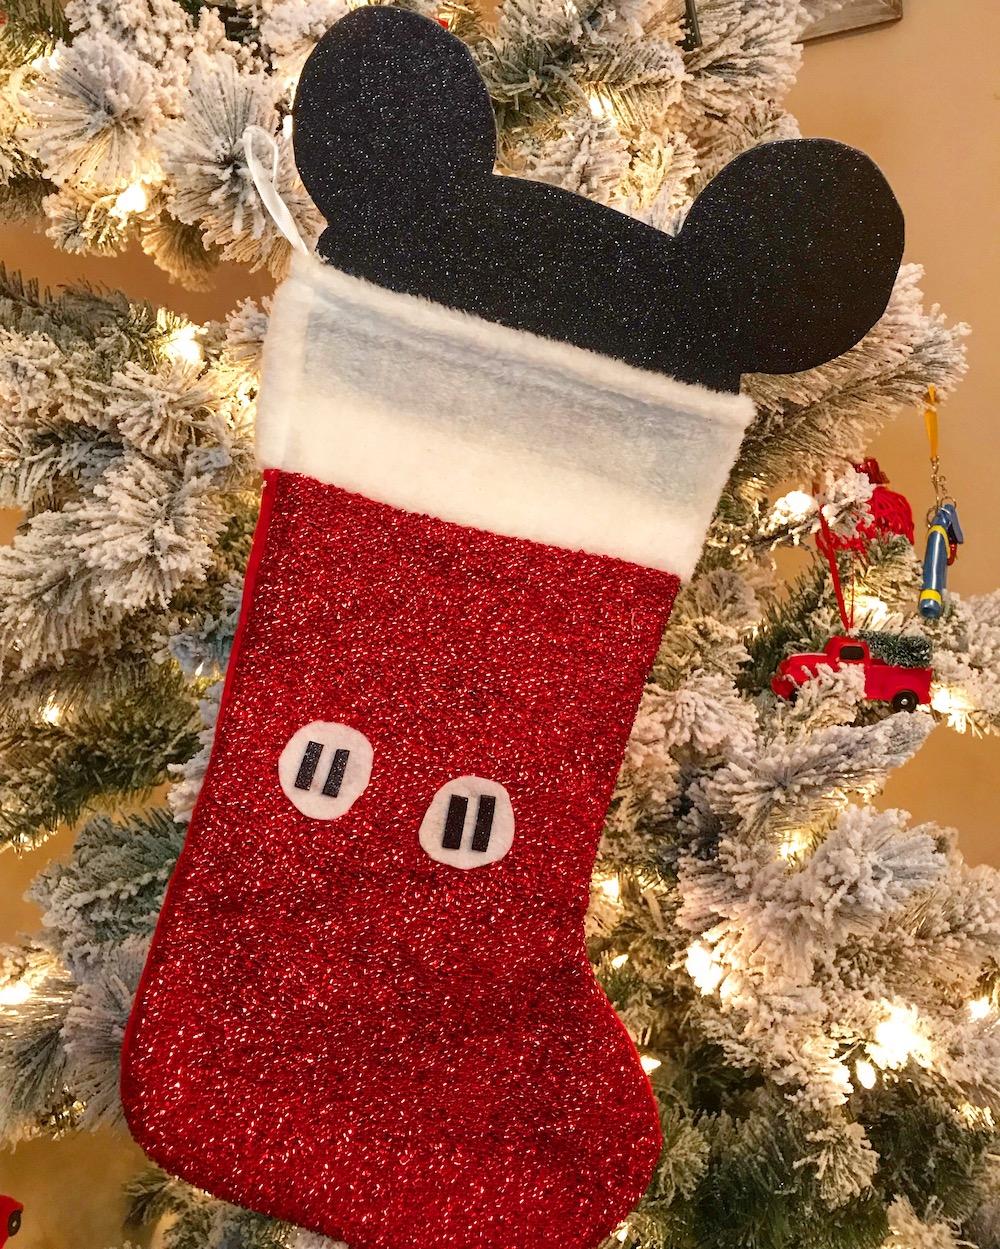 How to make a Mickey Mouse stocking in under 10 minutes - livingmividaloca.com | #LivingMiVidaLoca #DIYChristmasStocking #MickeyMouseStocking #MickeyMouse #DIYChristmas #ChristmasCraft